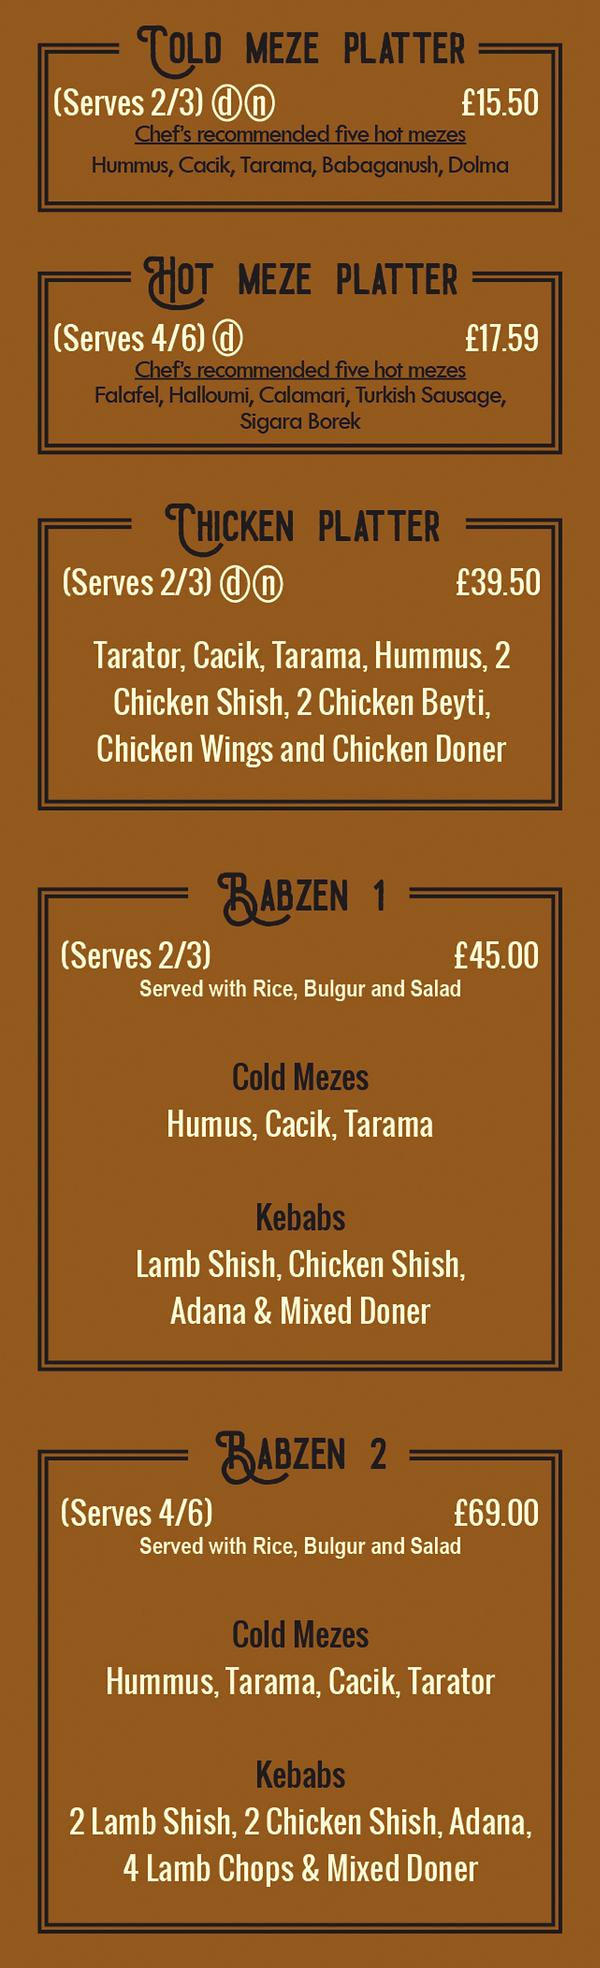 menu 3.png